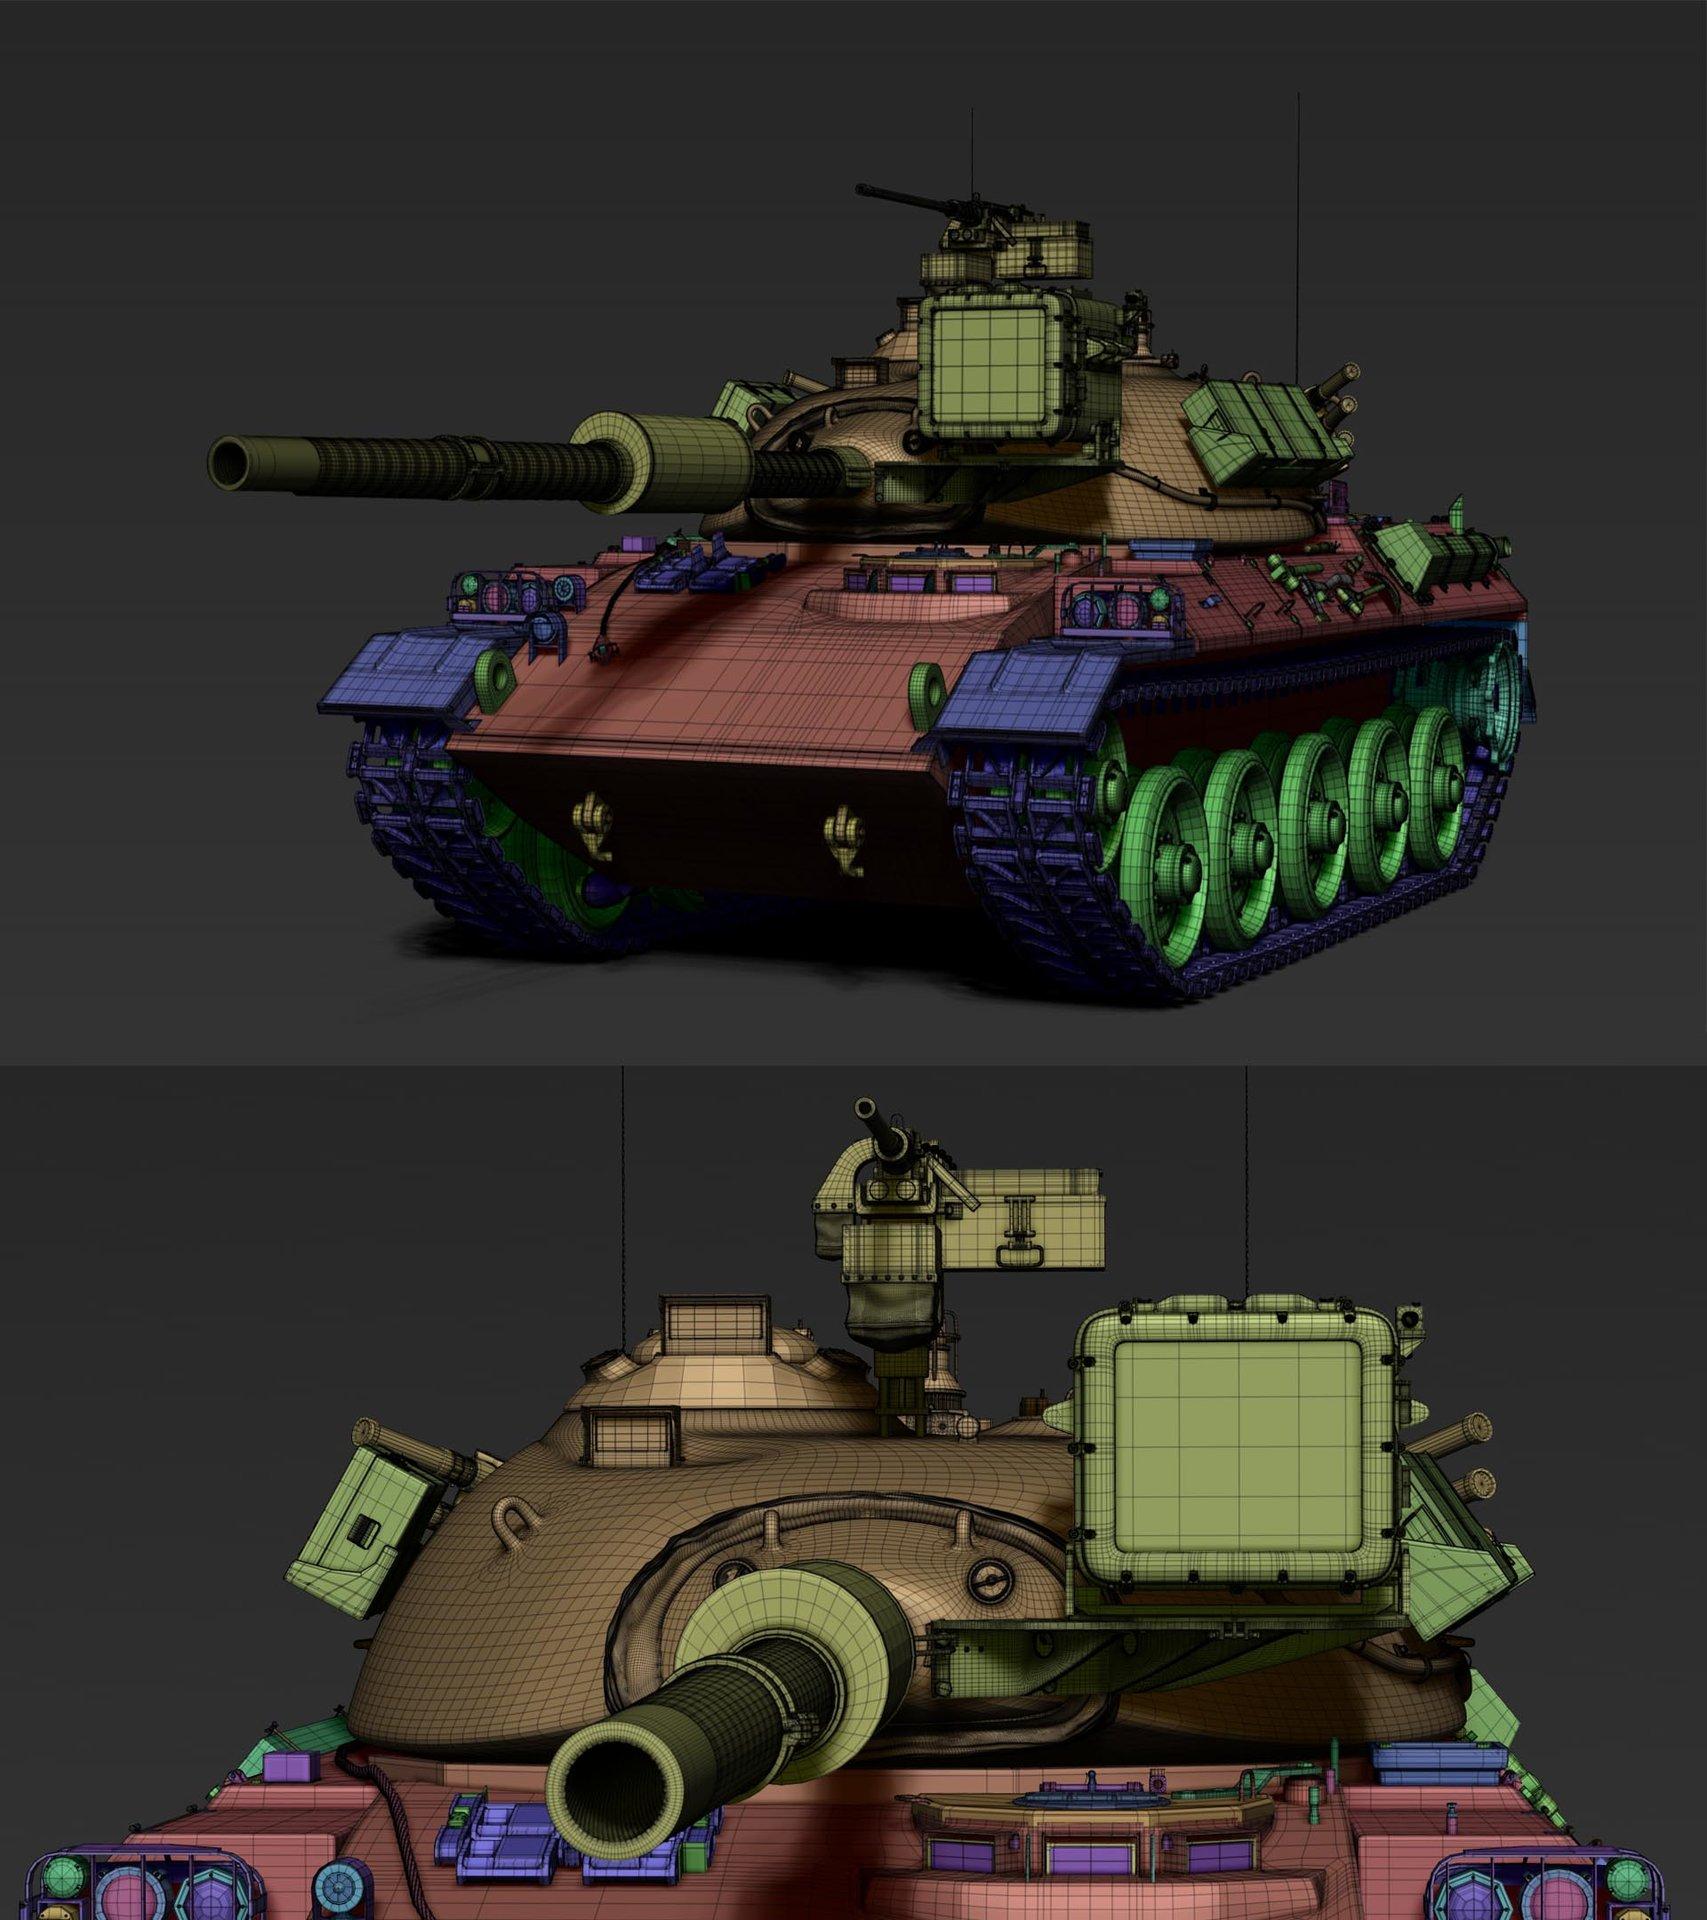 Frank dzidowski type 74 zbrush v001